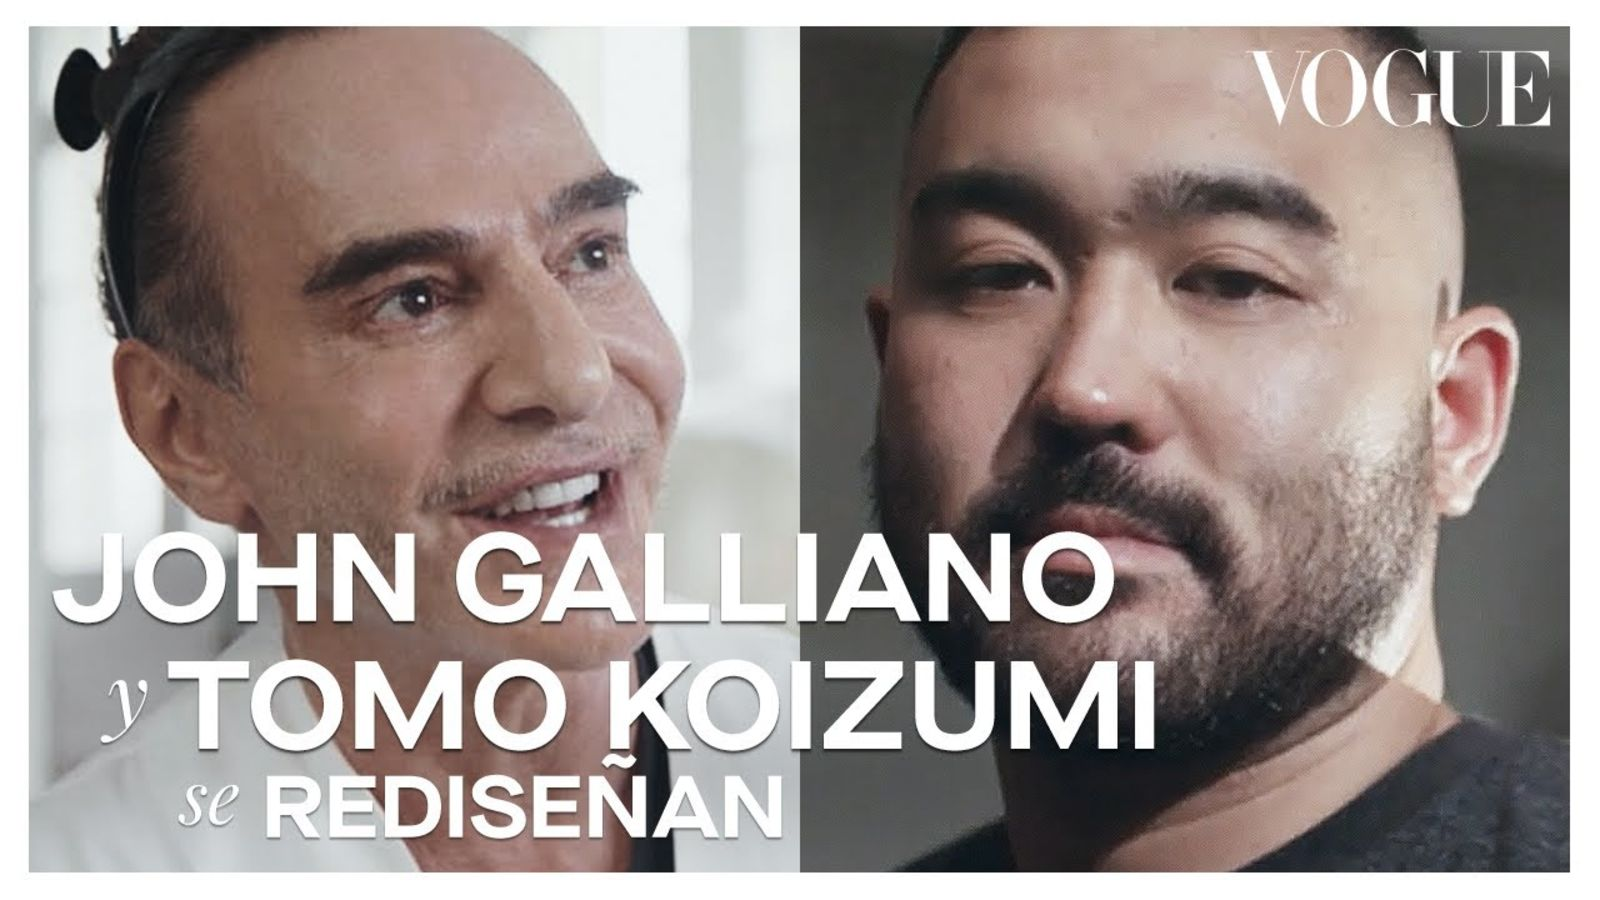 John Galliano y Tomo Koizumi aceptan el reto de reciclarse